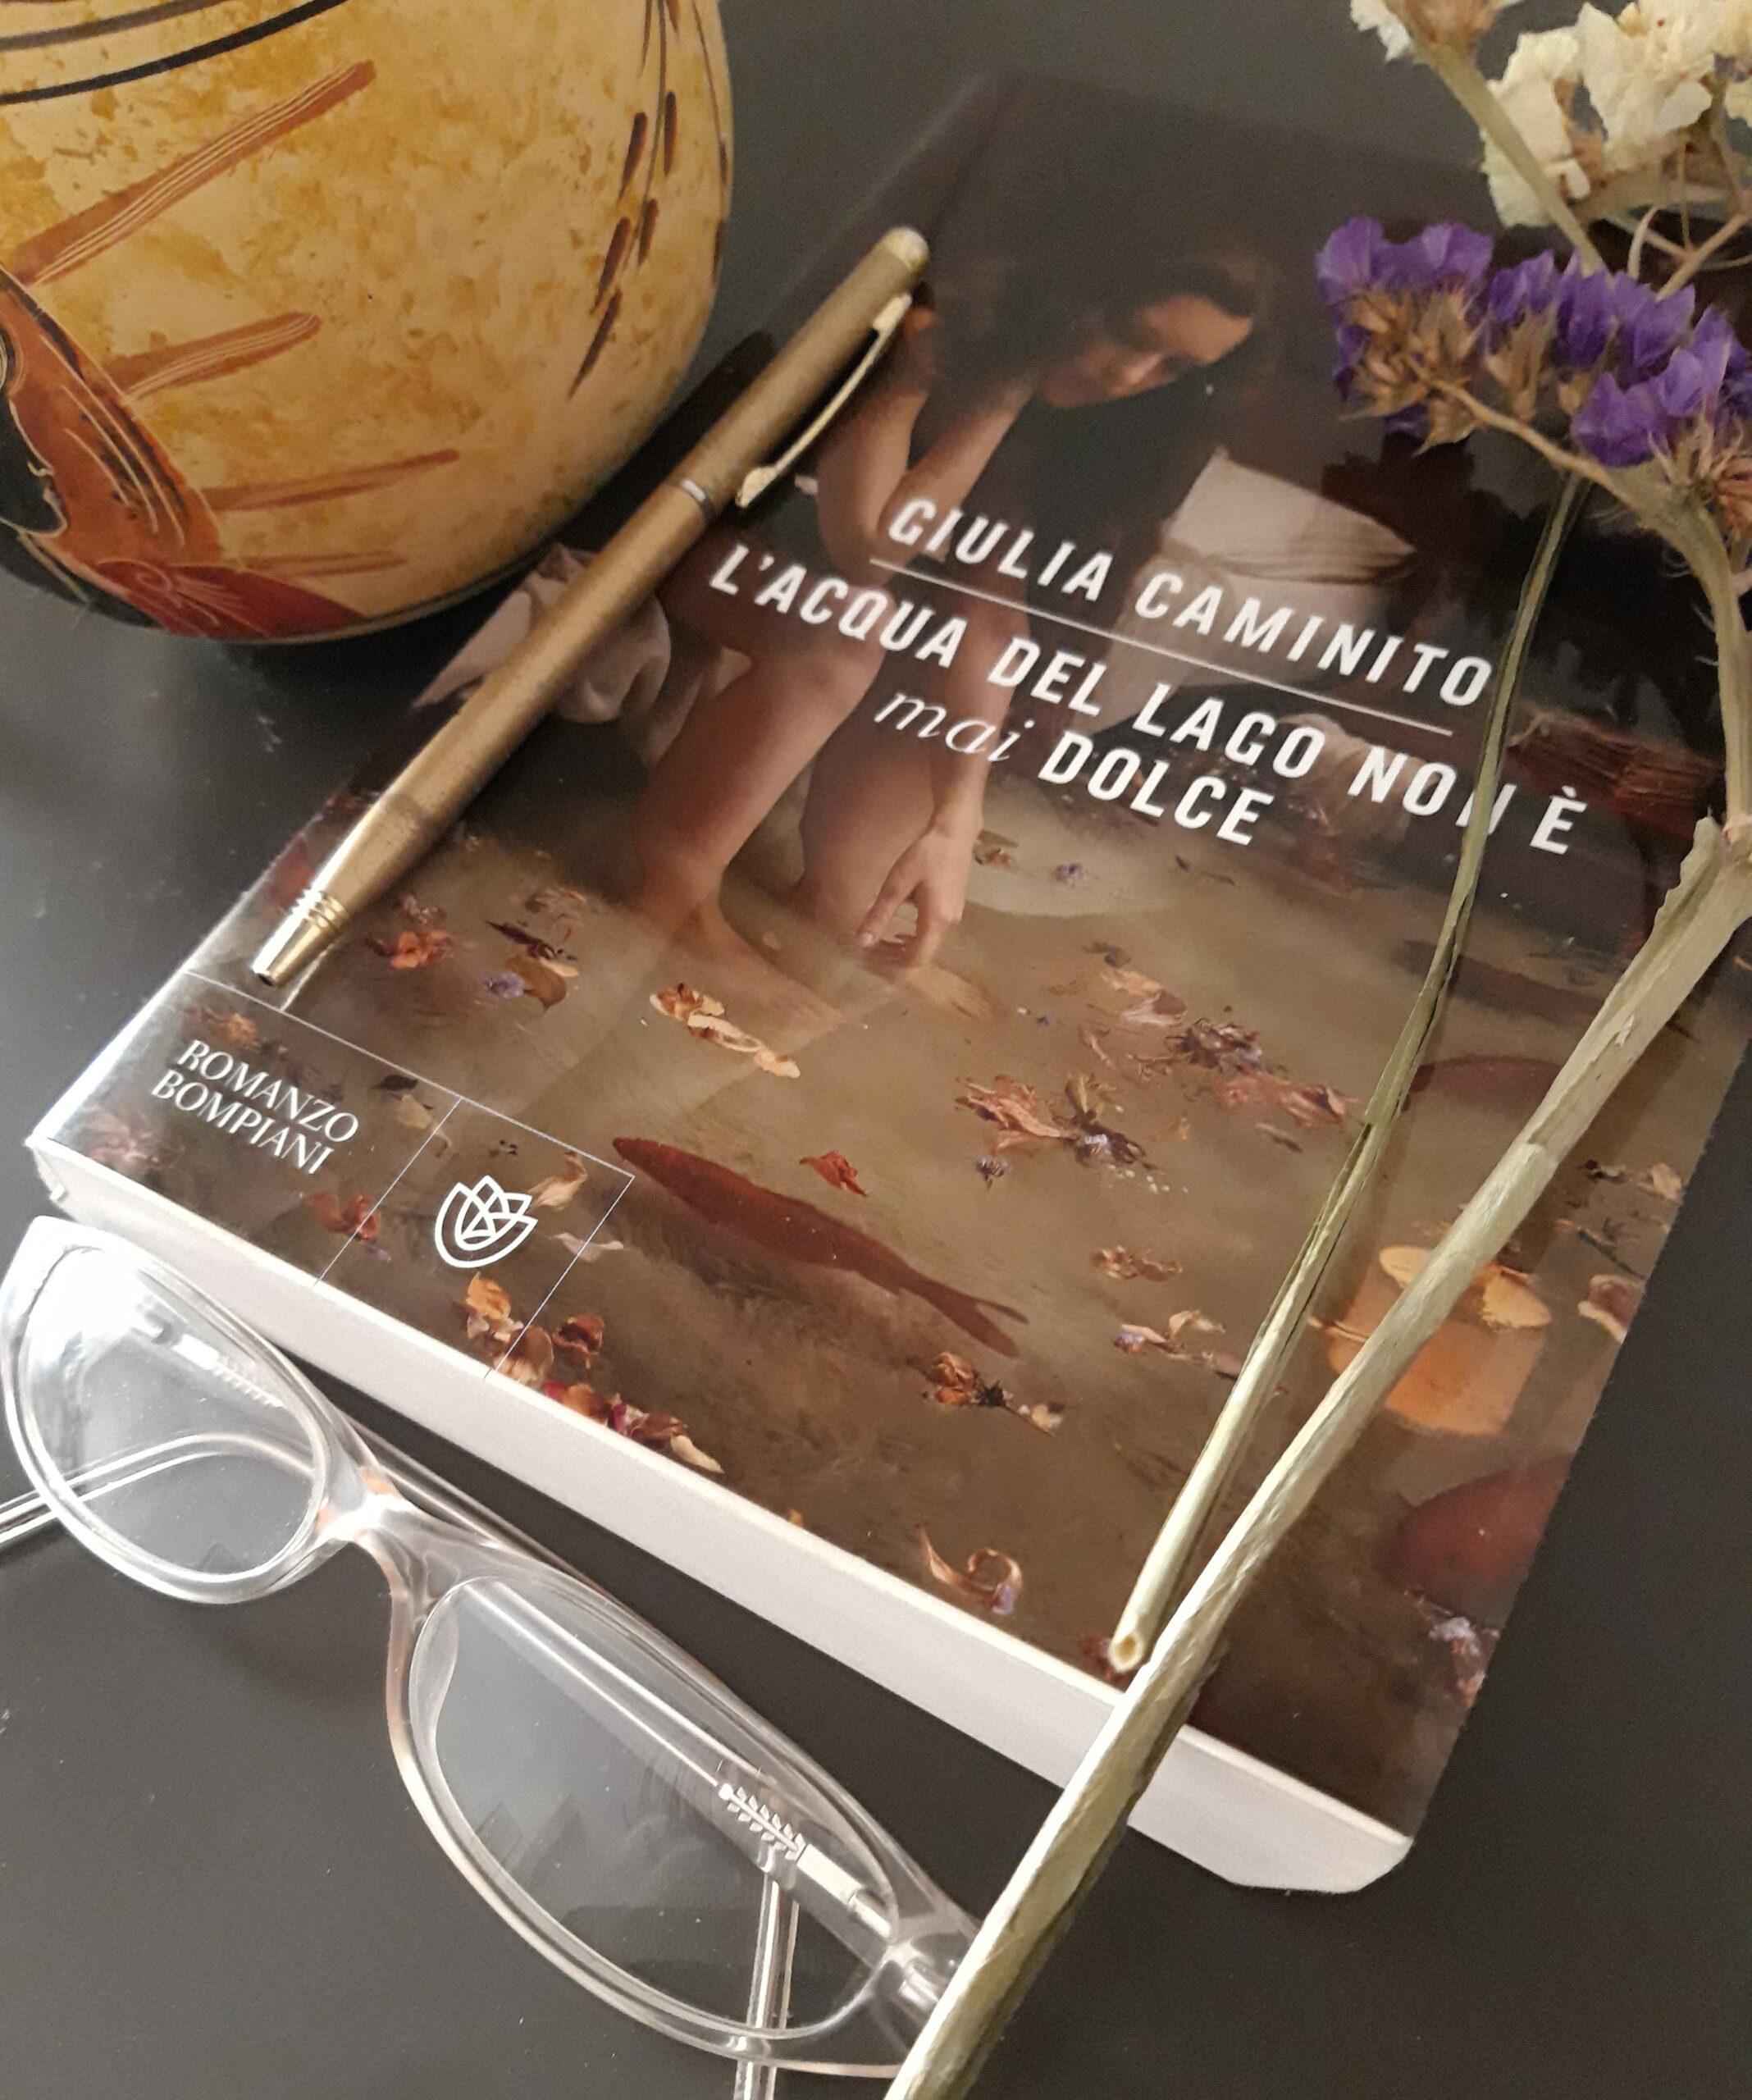 """Riflessioni su """"L'acqua del lago non è mai dolce"""" di Giulia Caminito (Bompiani)"""